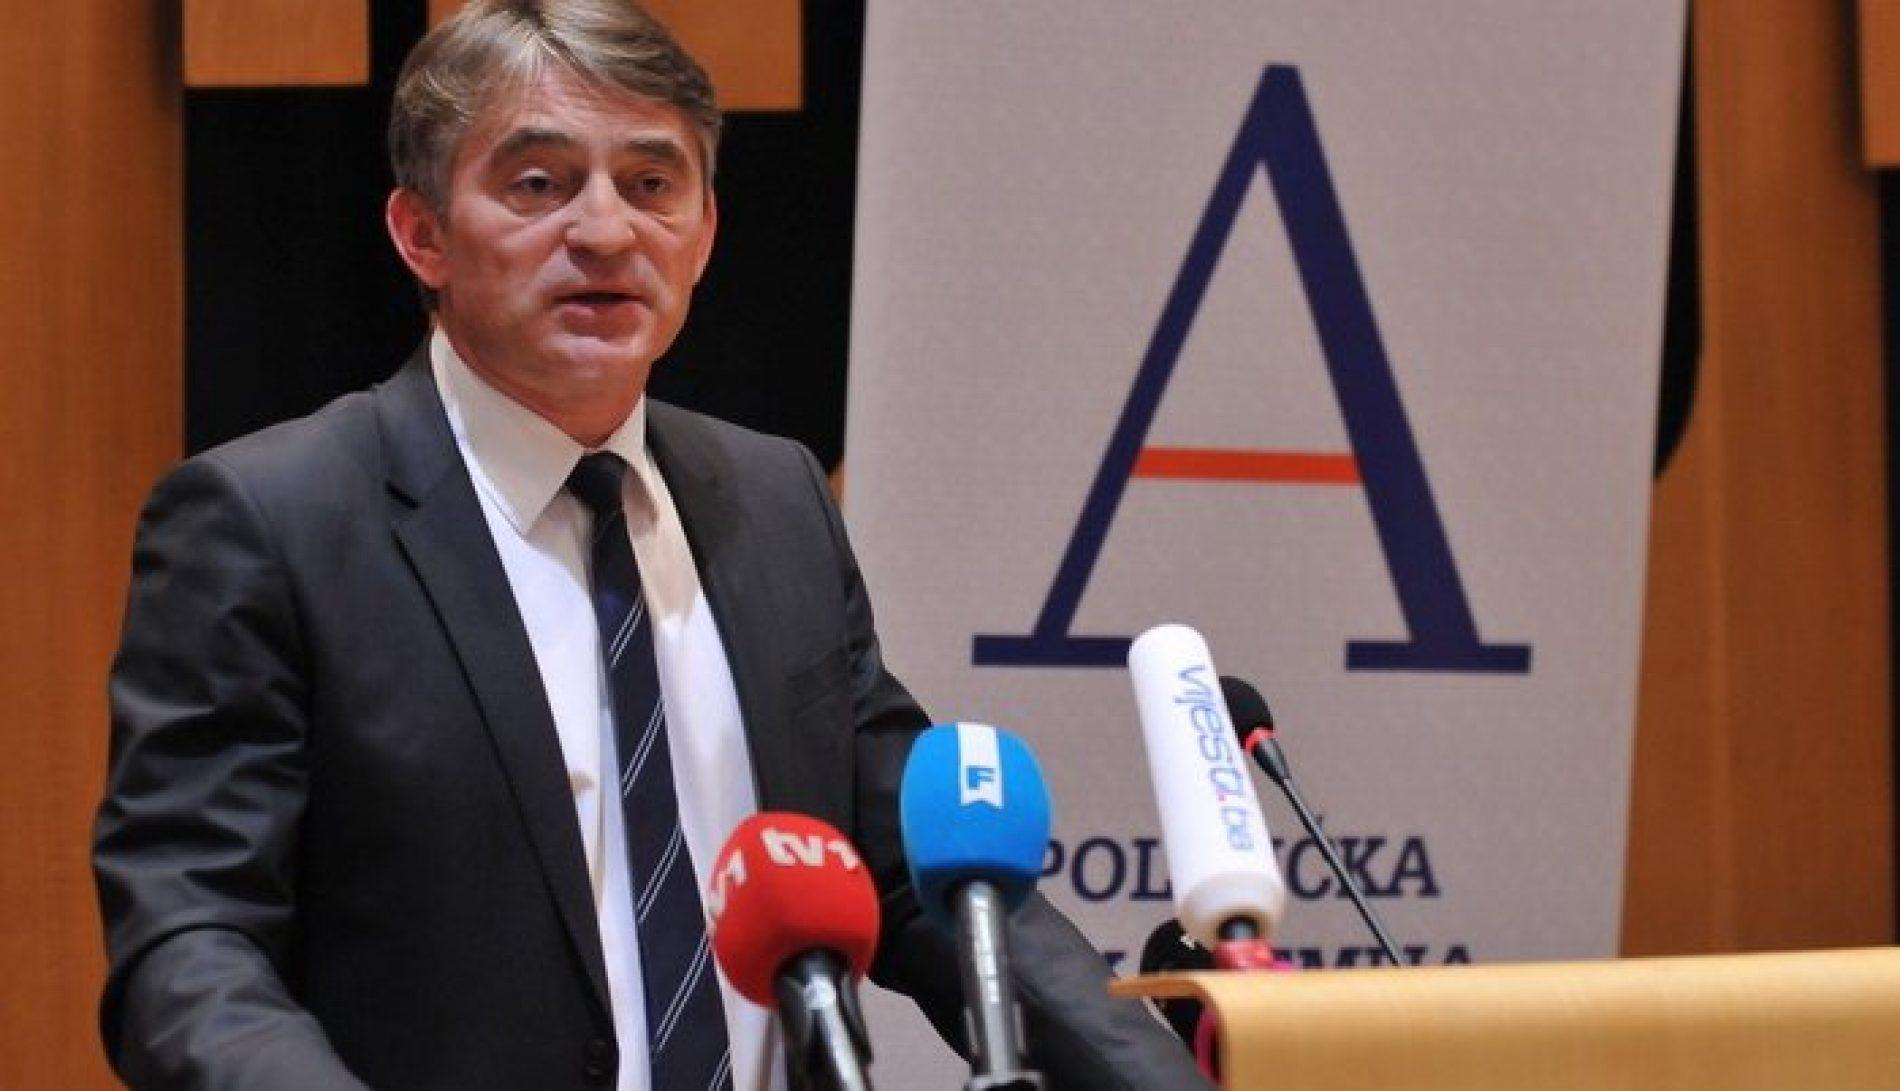 Željko Komšić: Izetbegovićeva izjava bezazlena; Vučiću je potpuno jasno da je Kosovo nezavisna država